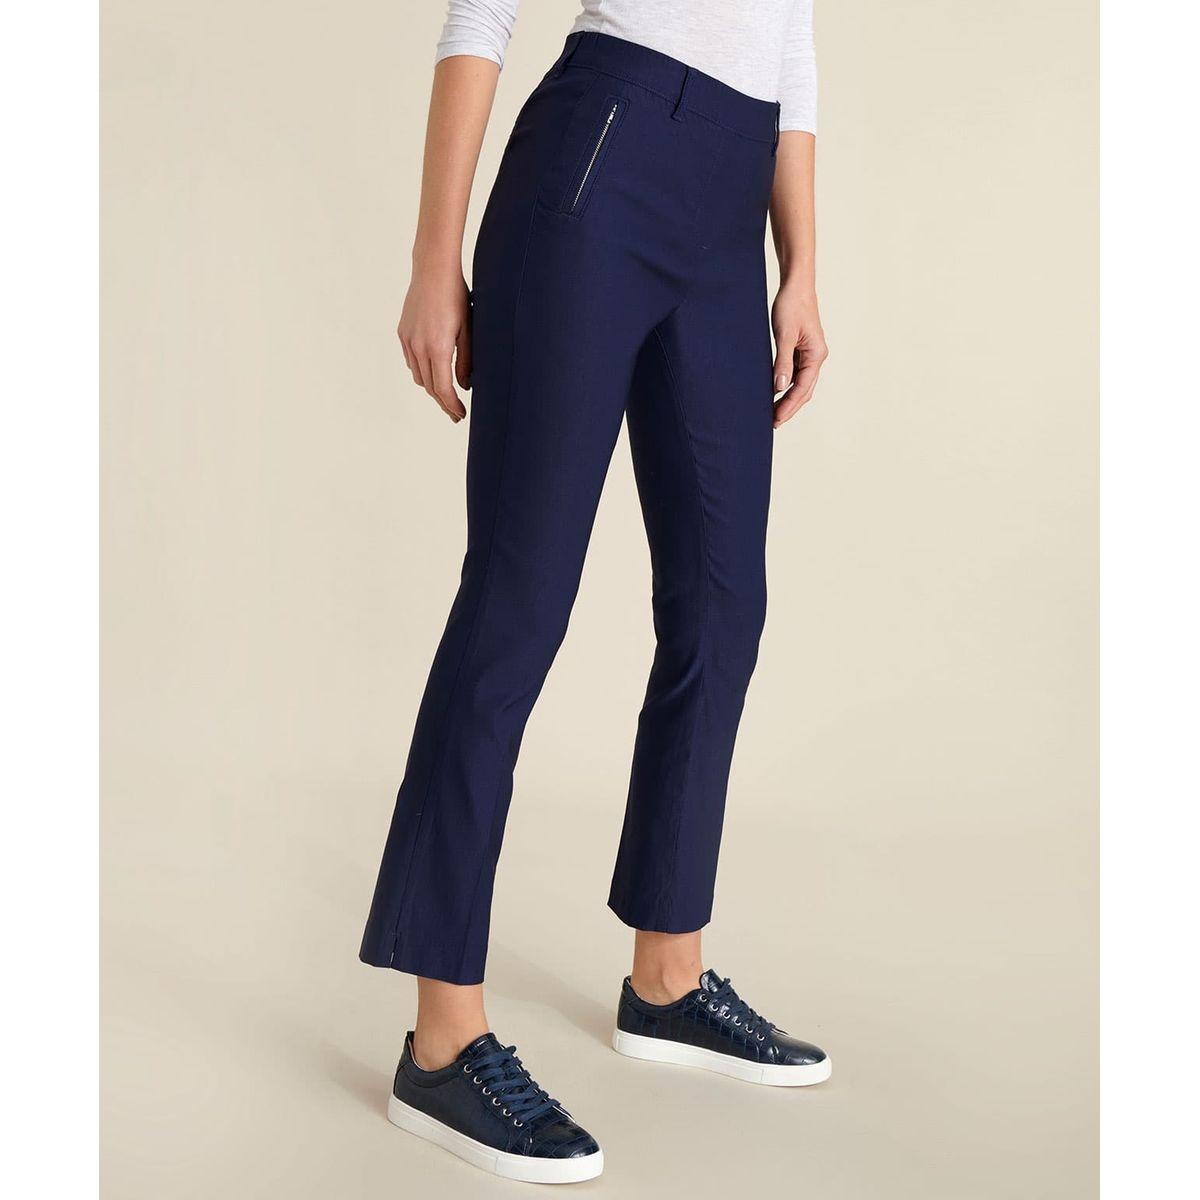 Pantalon confort 7/8ème